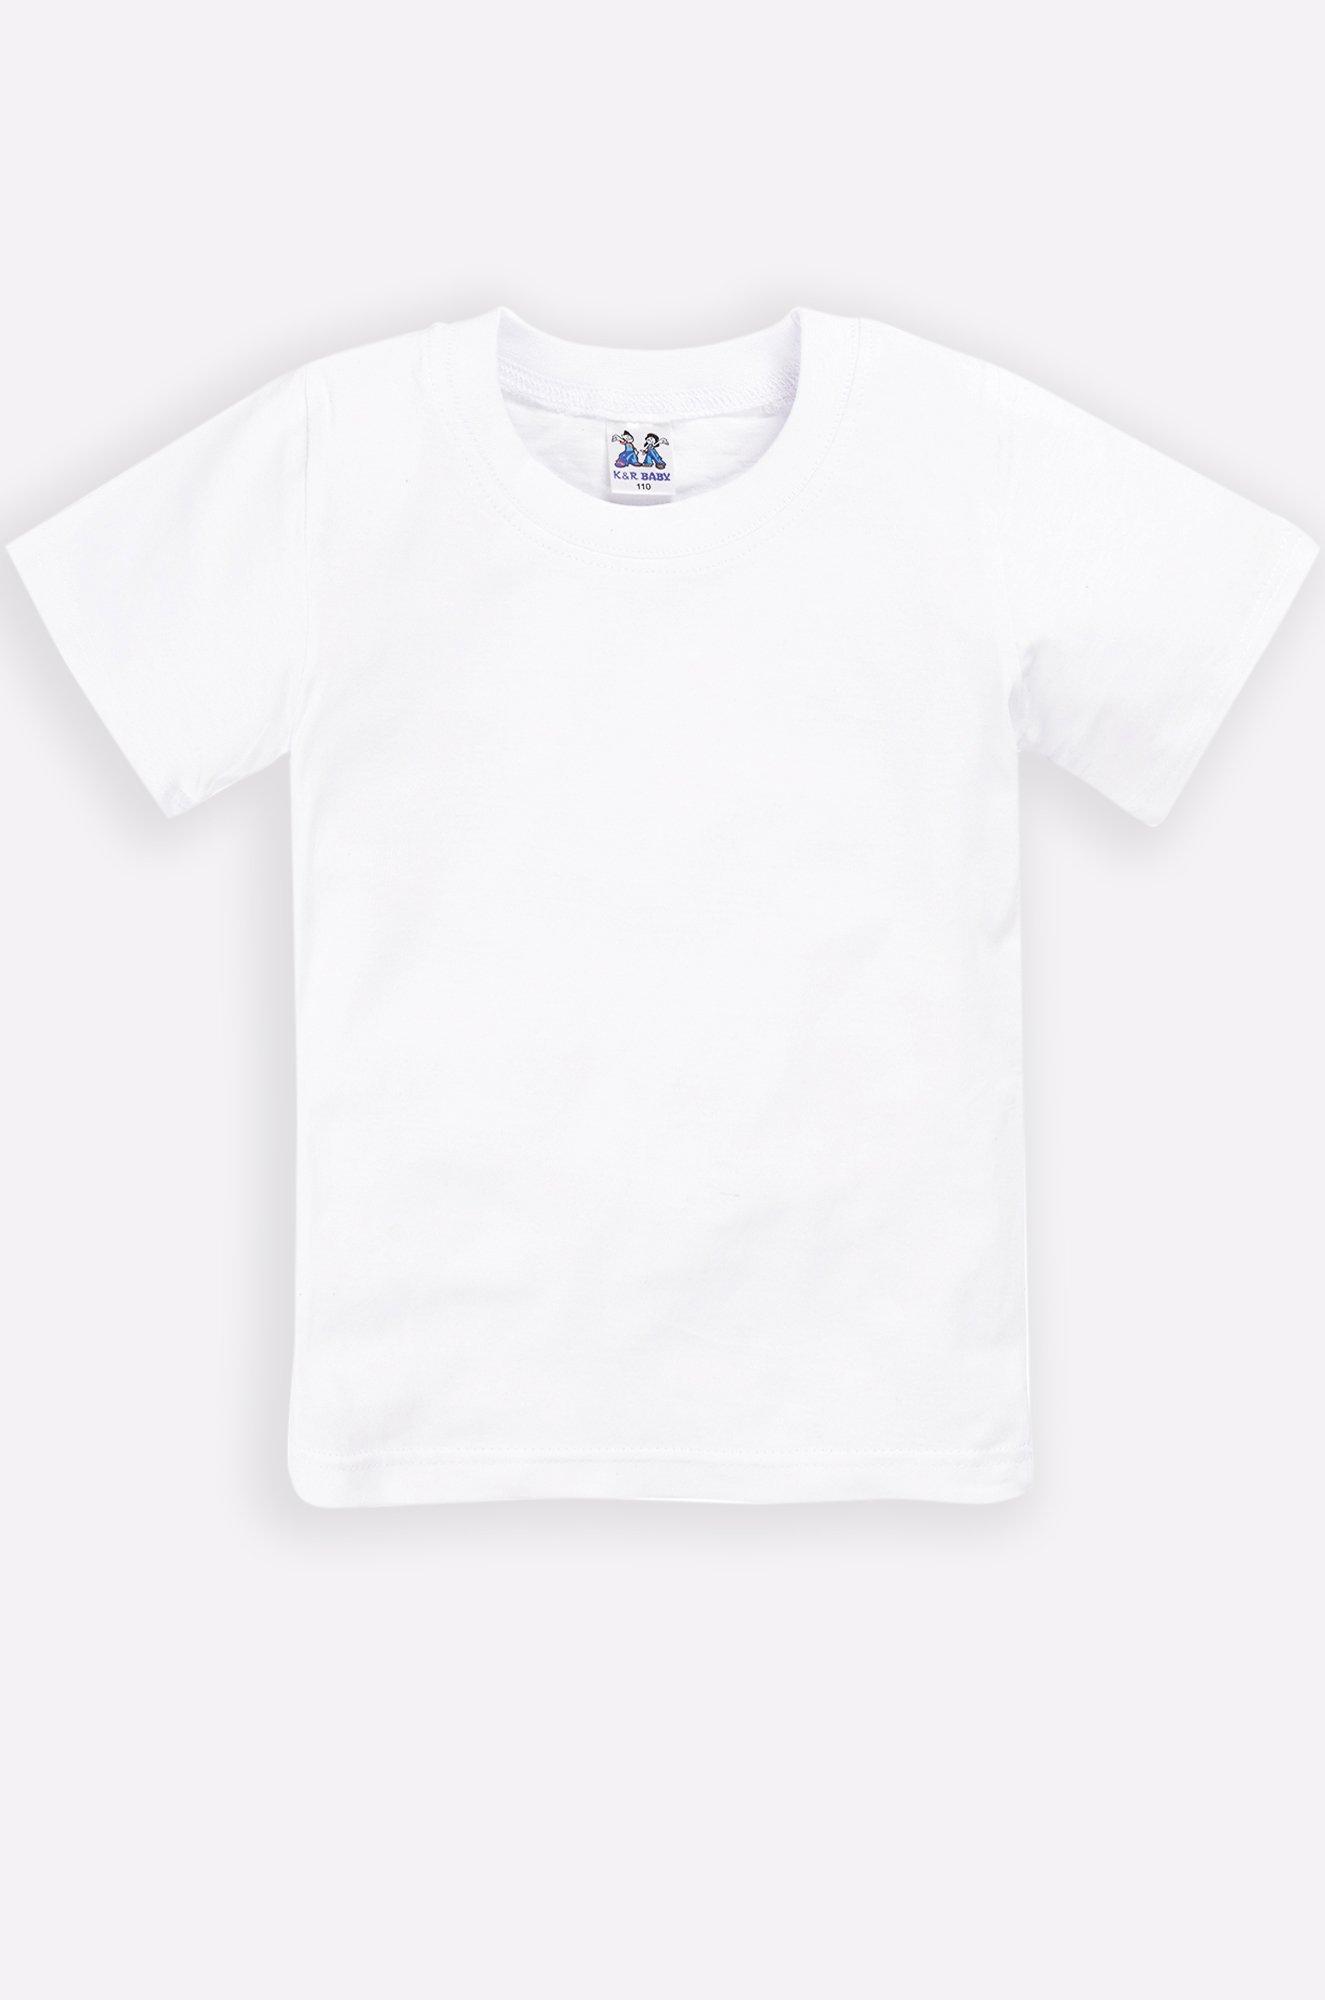 Виды футболок — виды мужских футболок и их названия | статьи на тему футболок — полезно и интересно